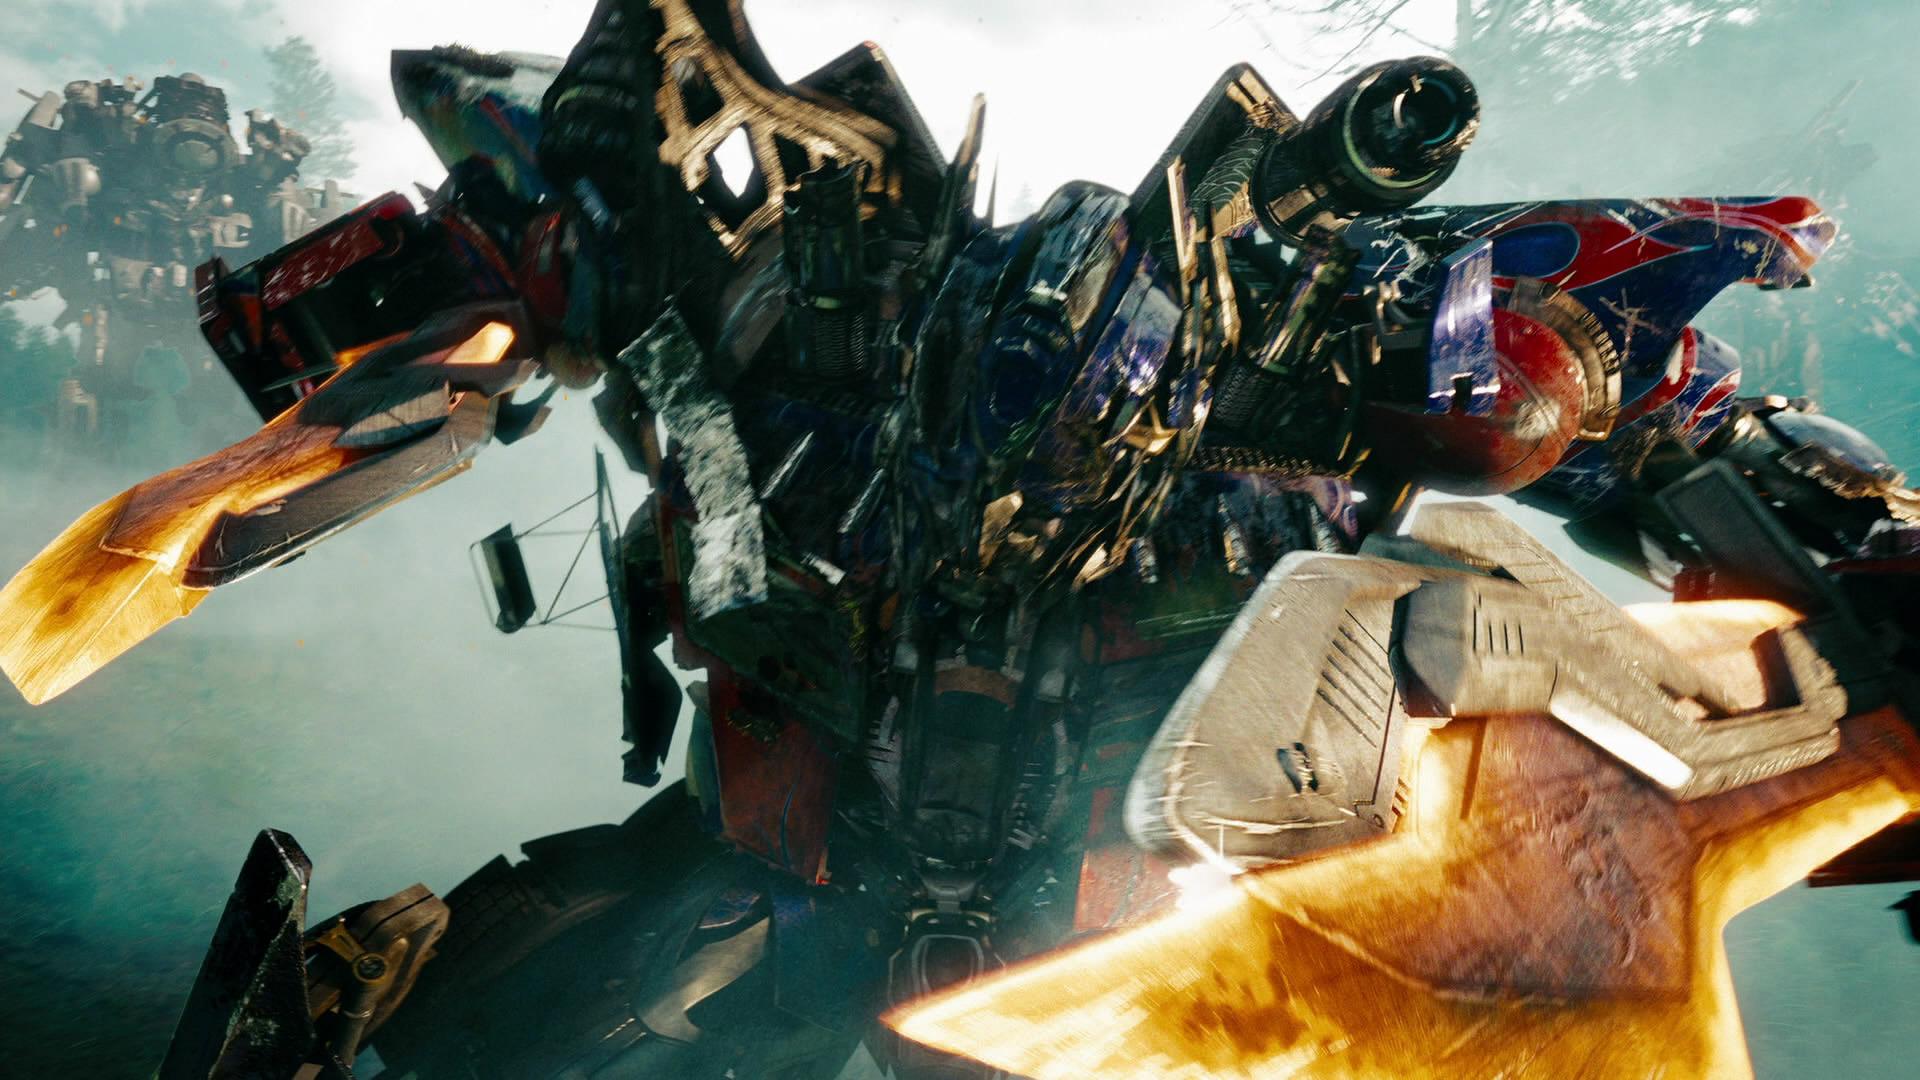 3. Transformers Revenge of the Fallen